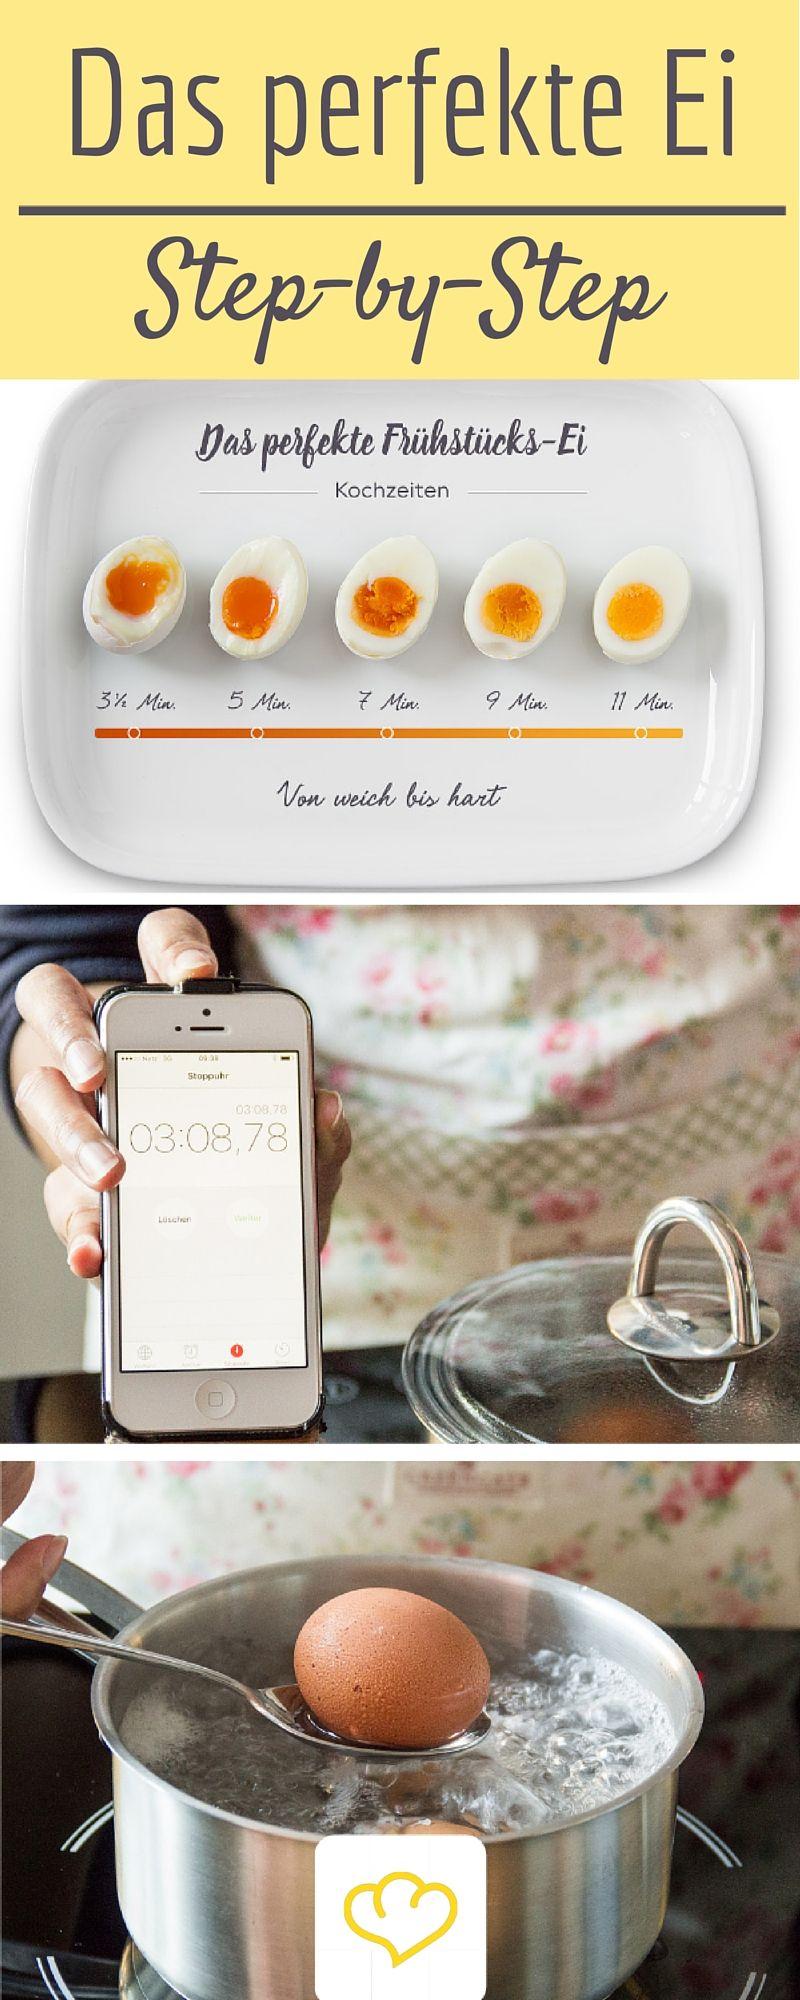 Eier kochen: Diese 9 Dinge solltest du beachten #cookingtips